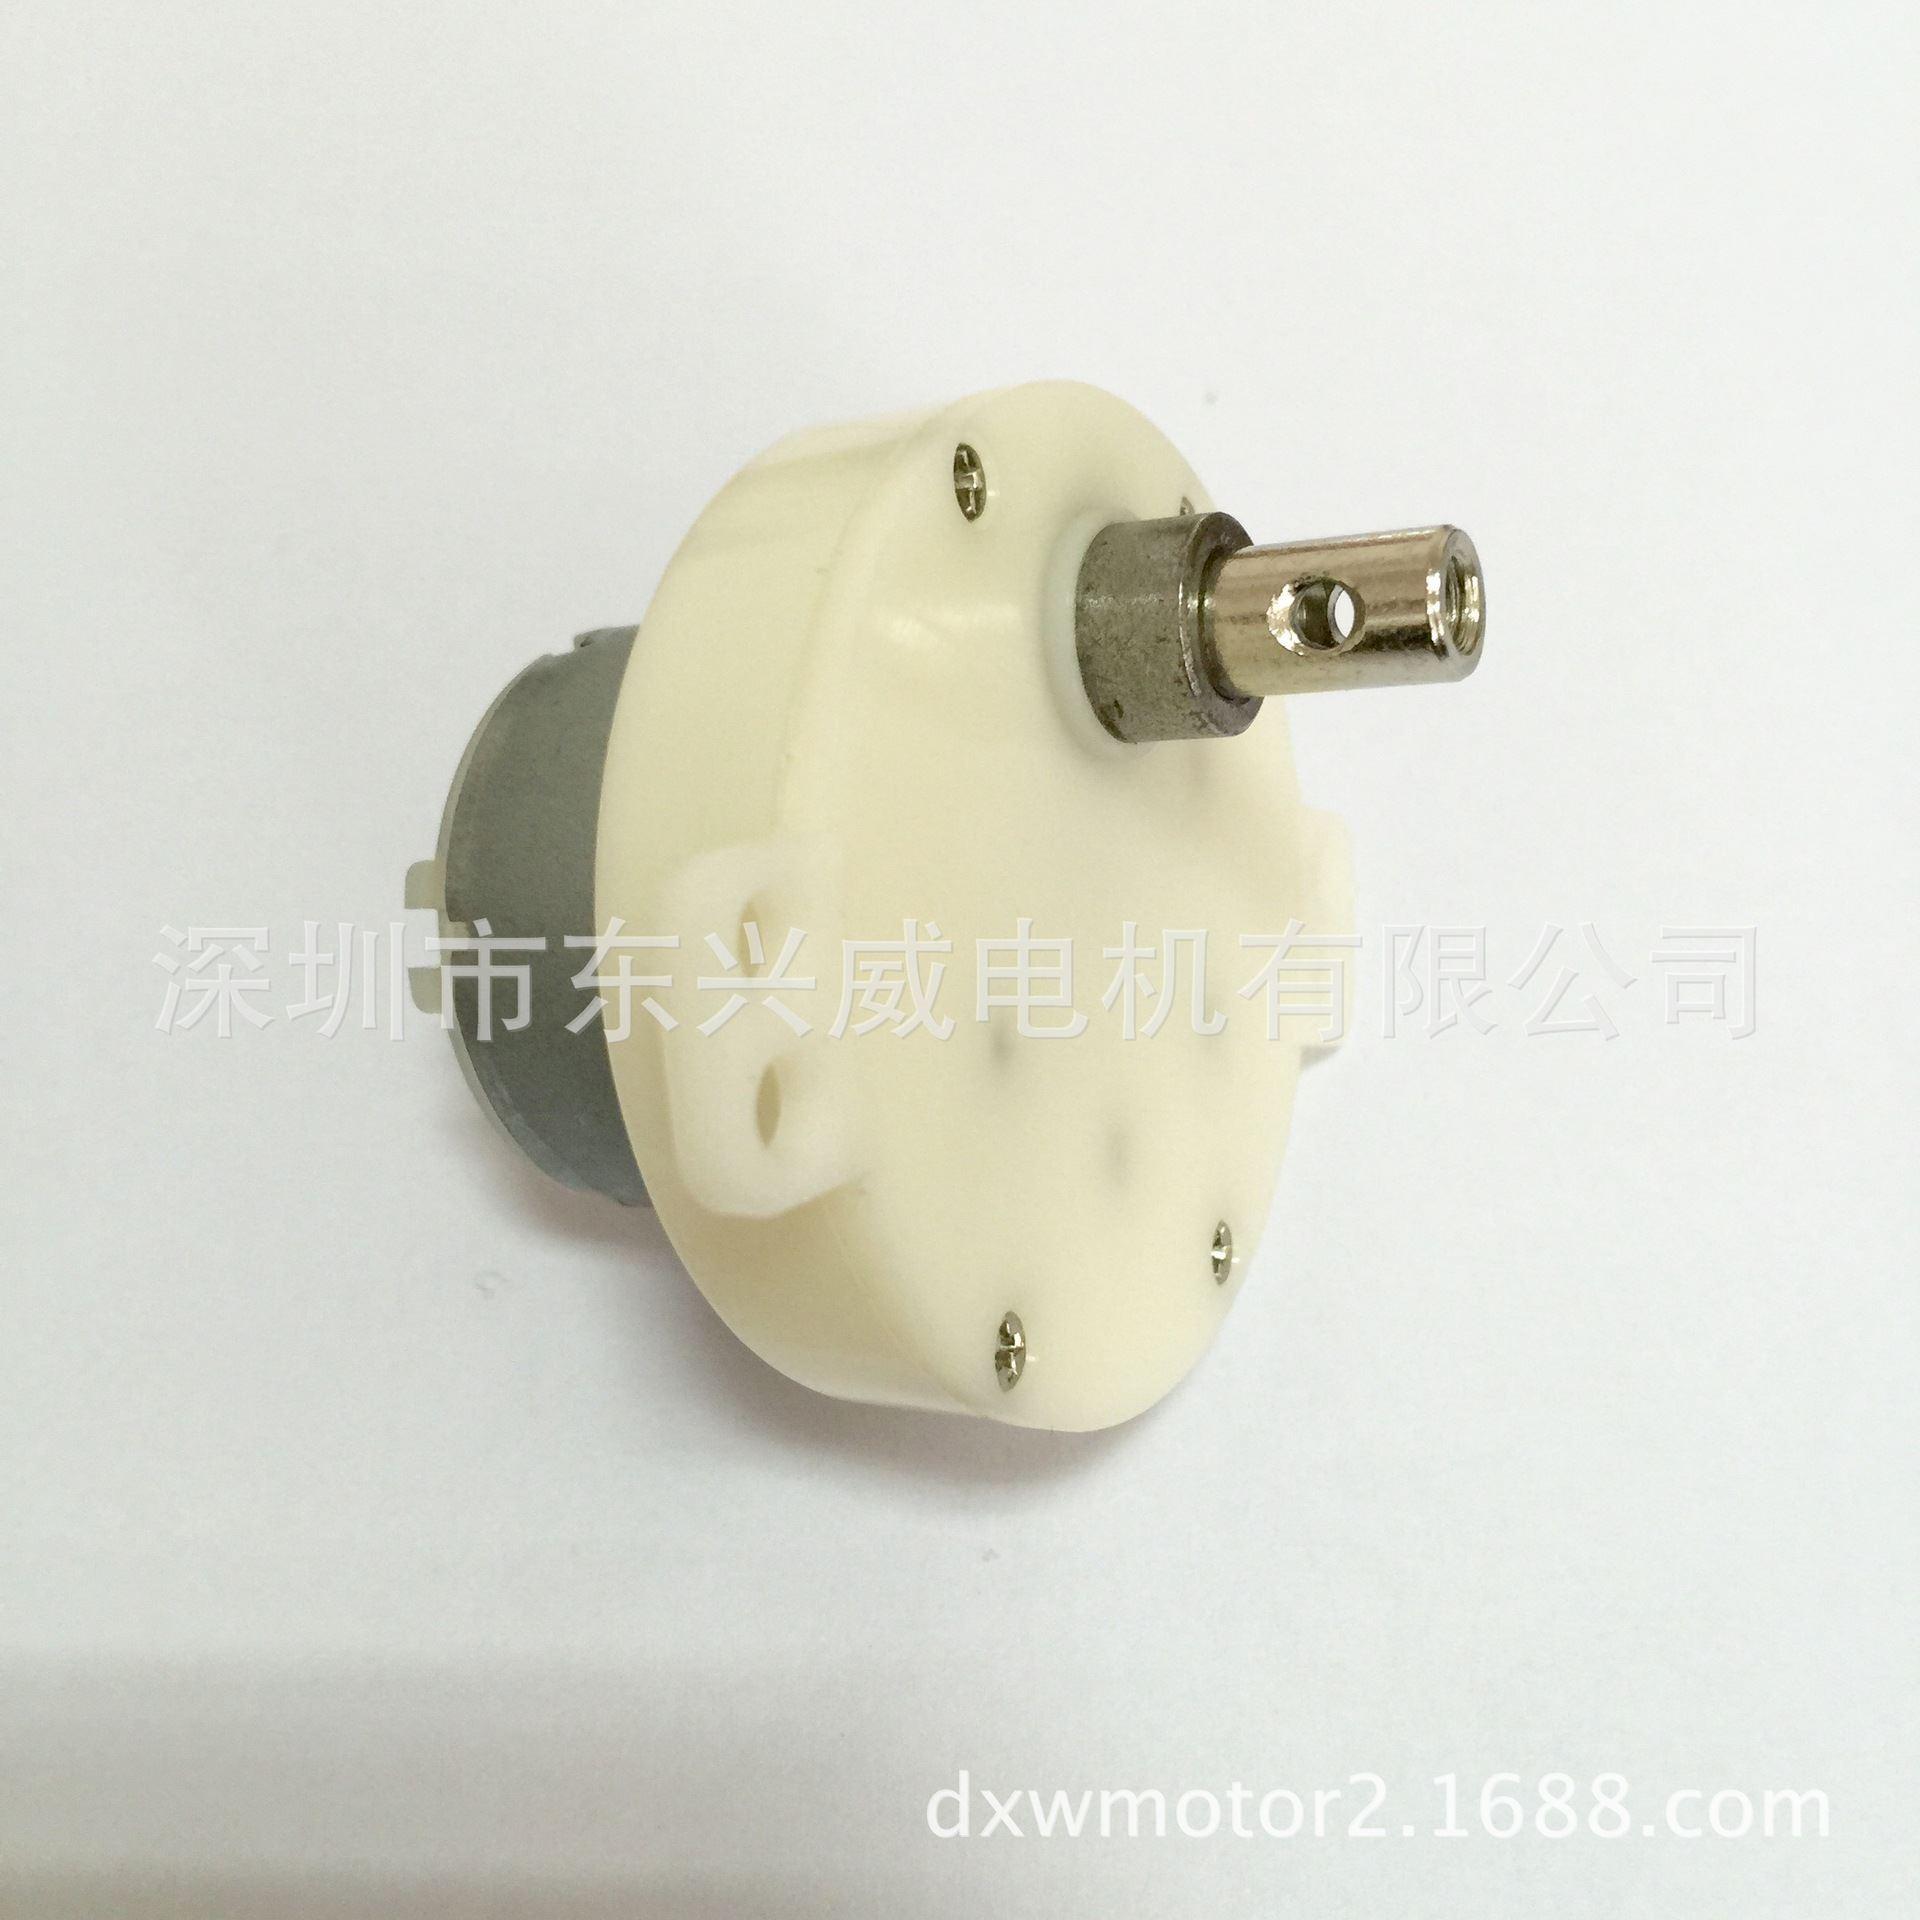 2018 stage lighting small fan motor js50 dc motor micro for Small dc fan motor